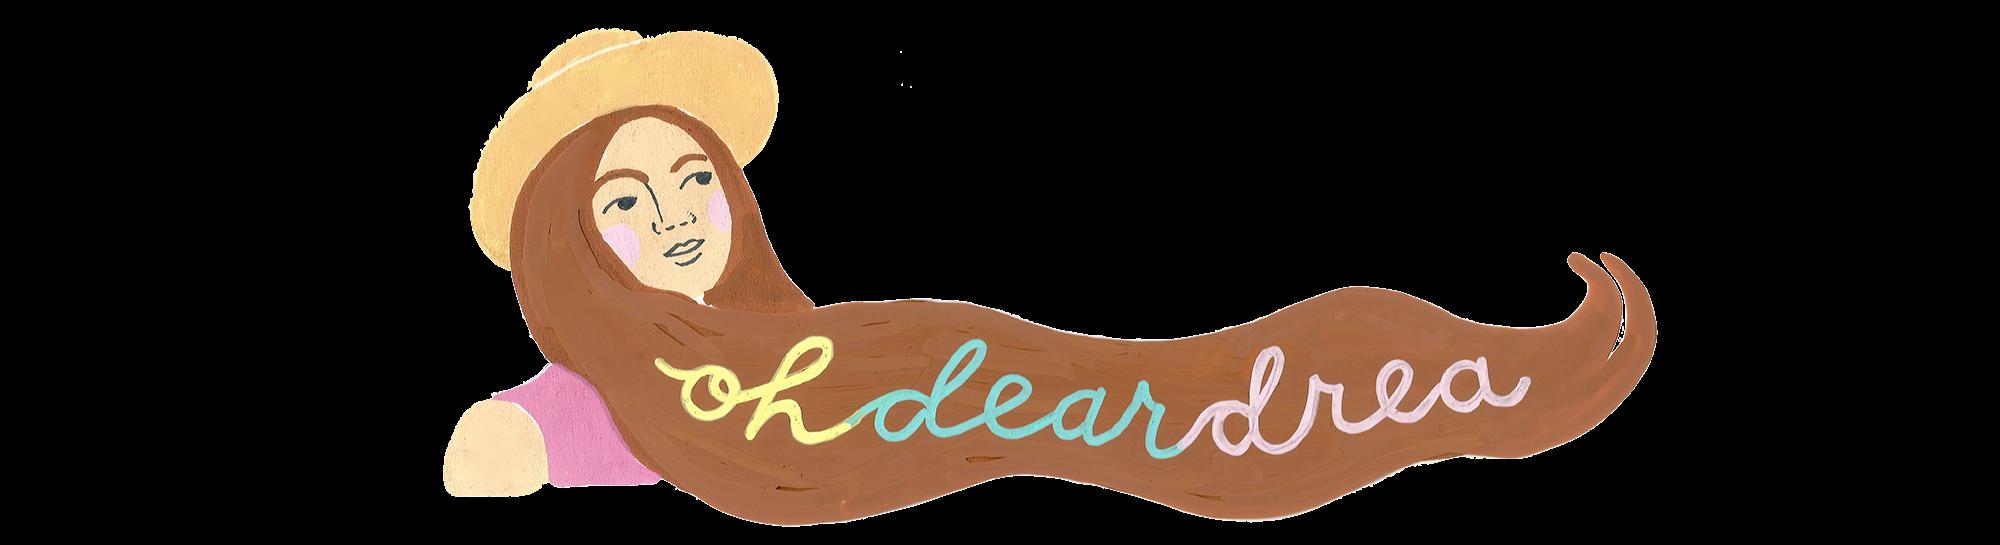 OhDearDrea